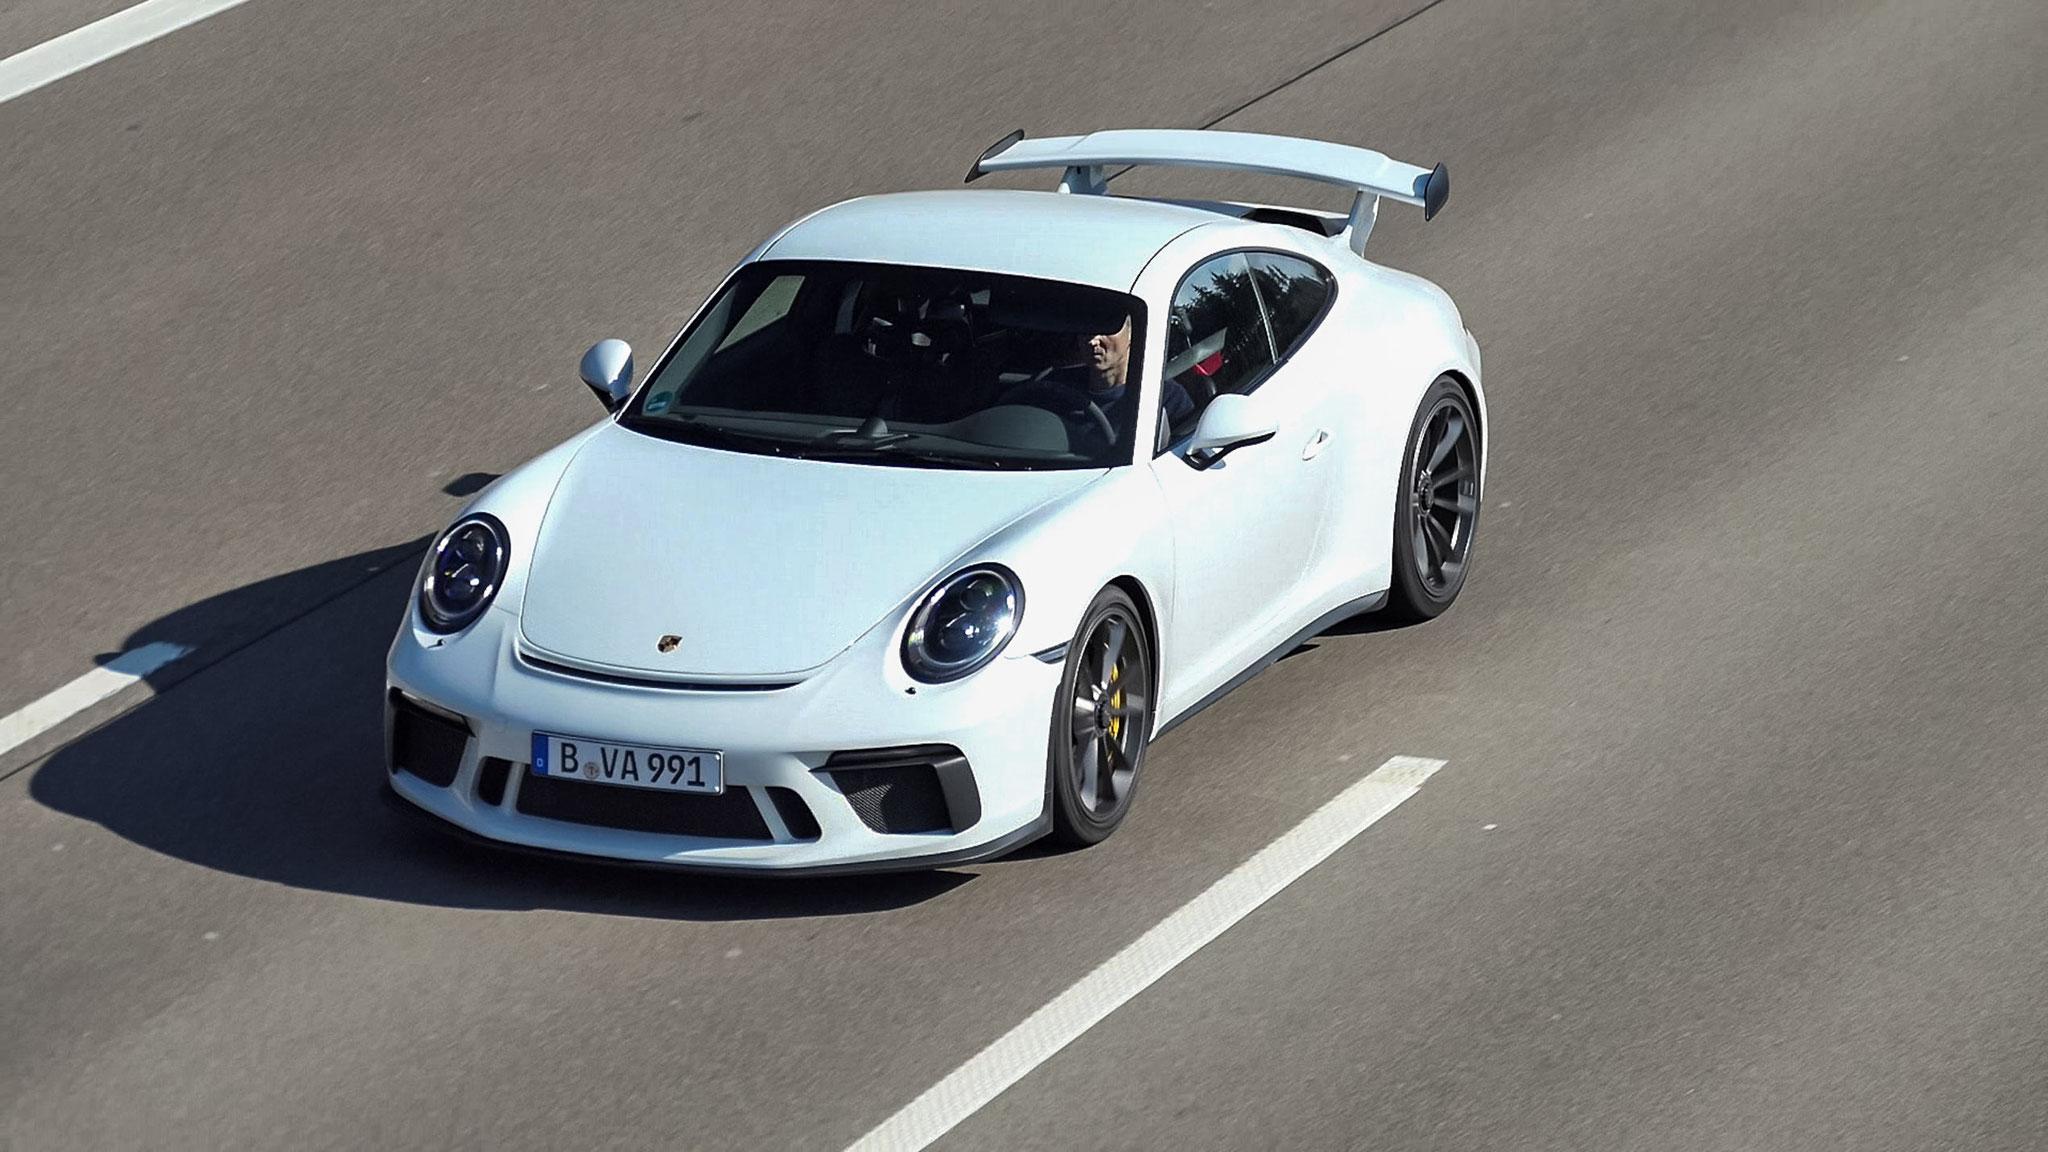 Porsche 991 GT3 - B-VA-991